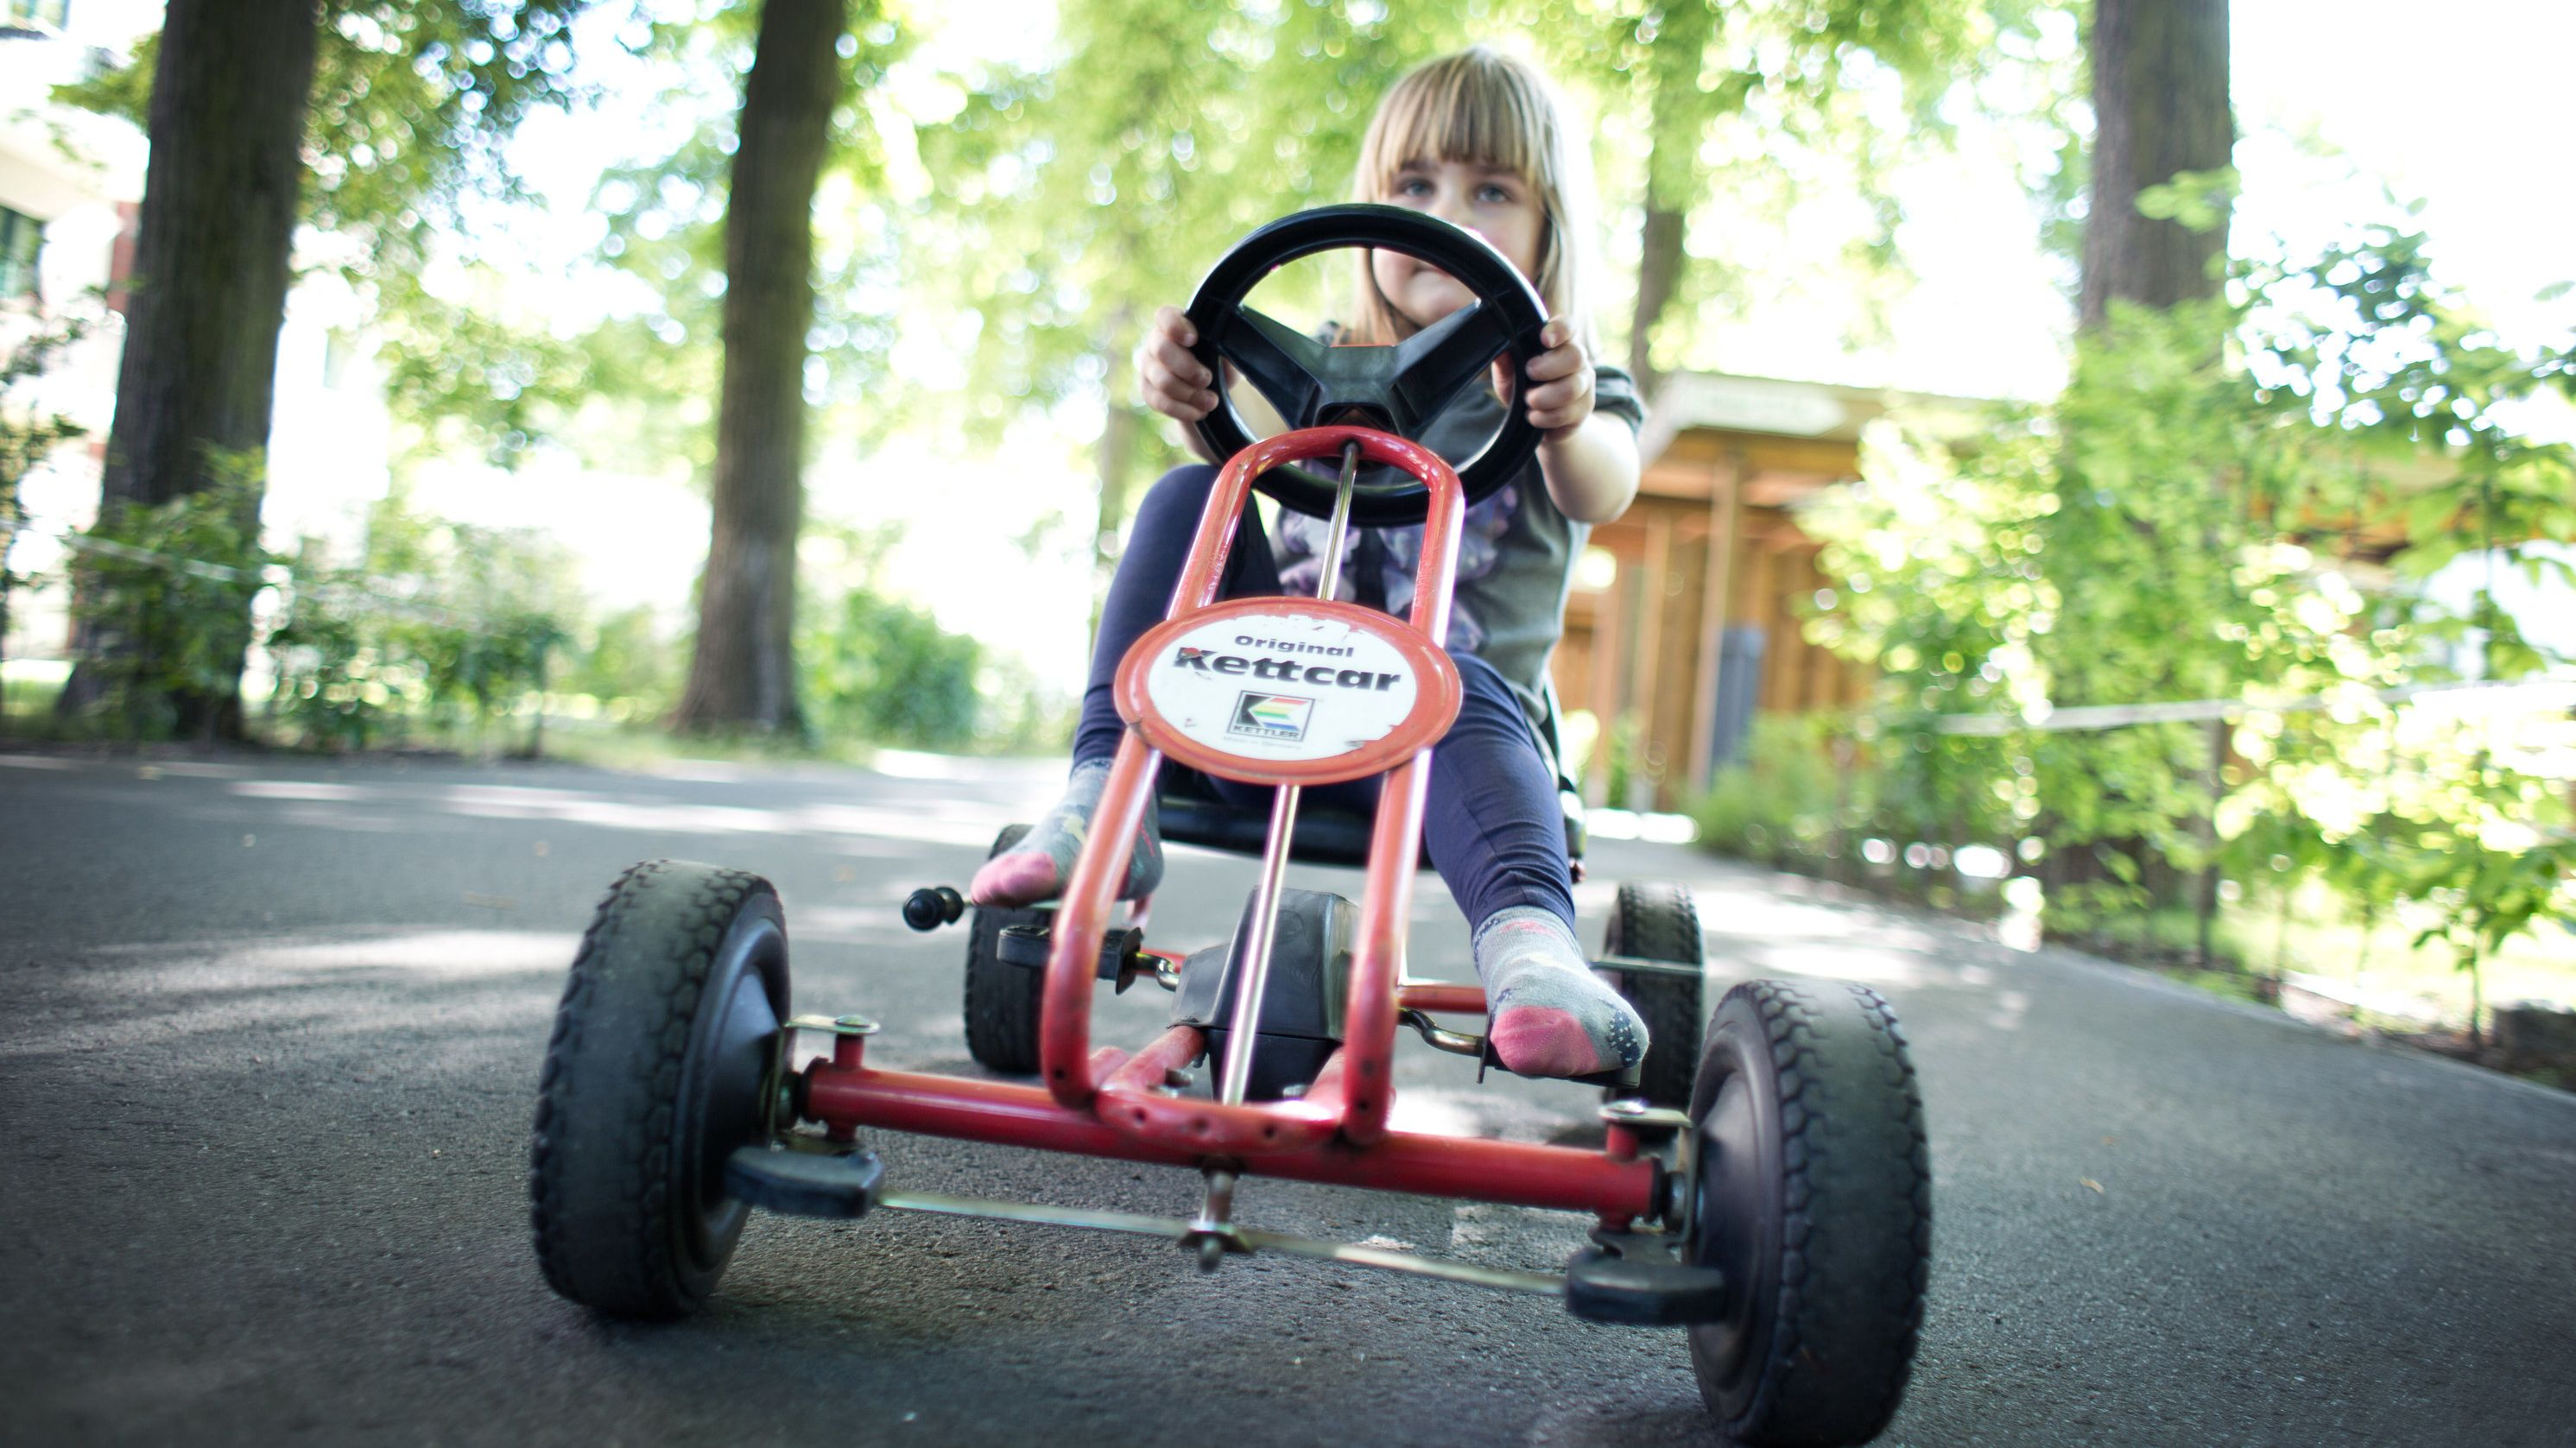 Ein Mädchen fährt auf einem Kettcar.